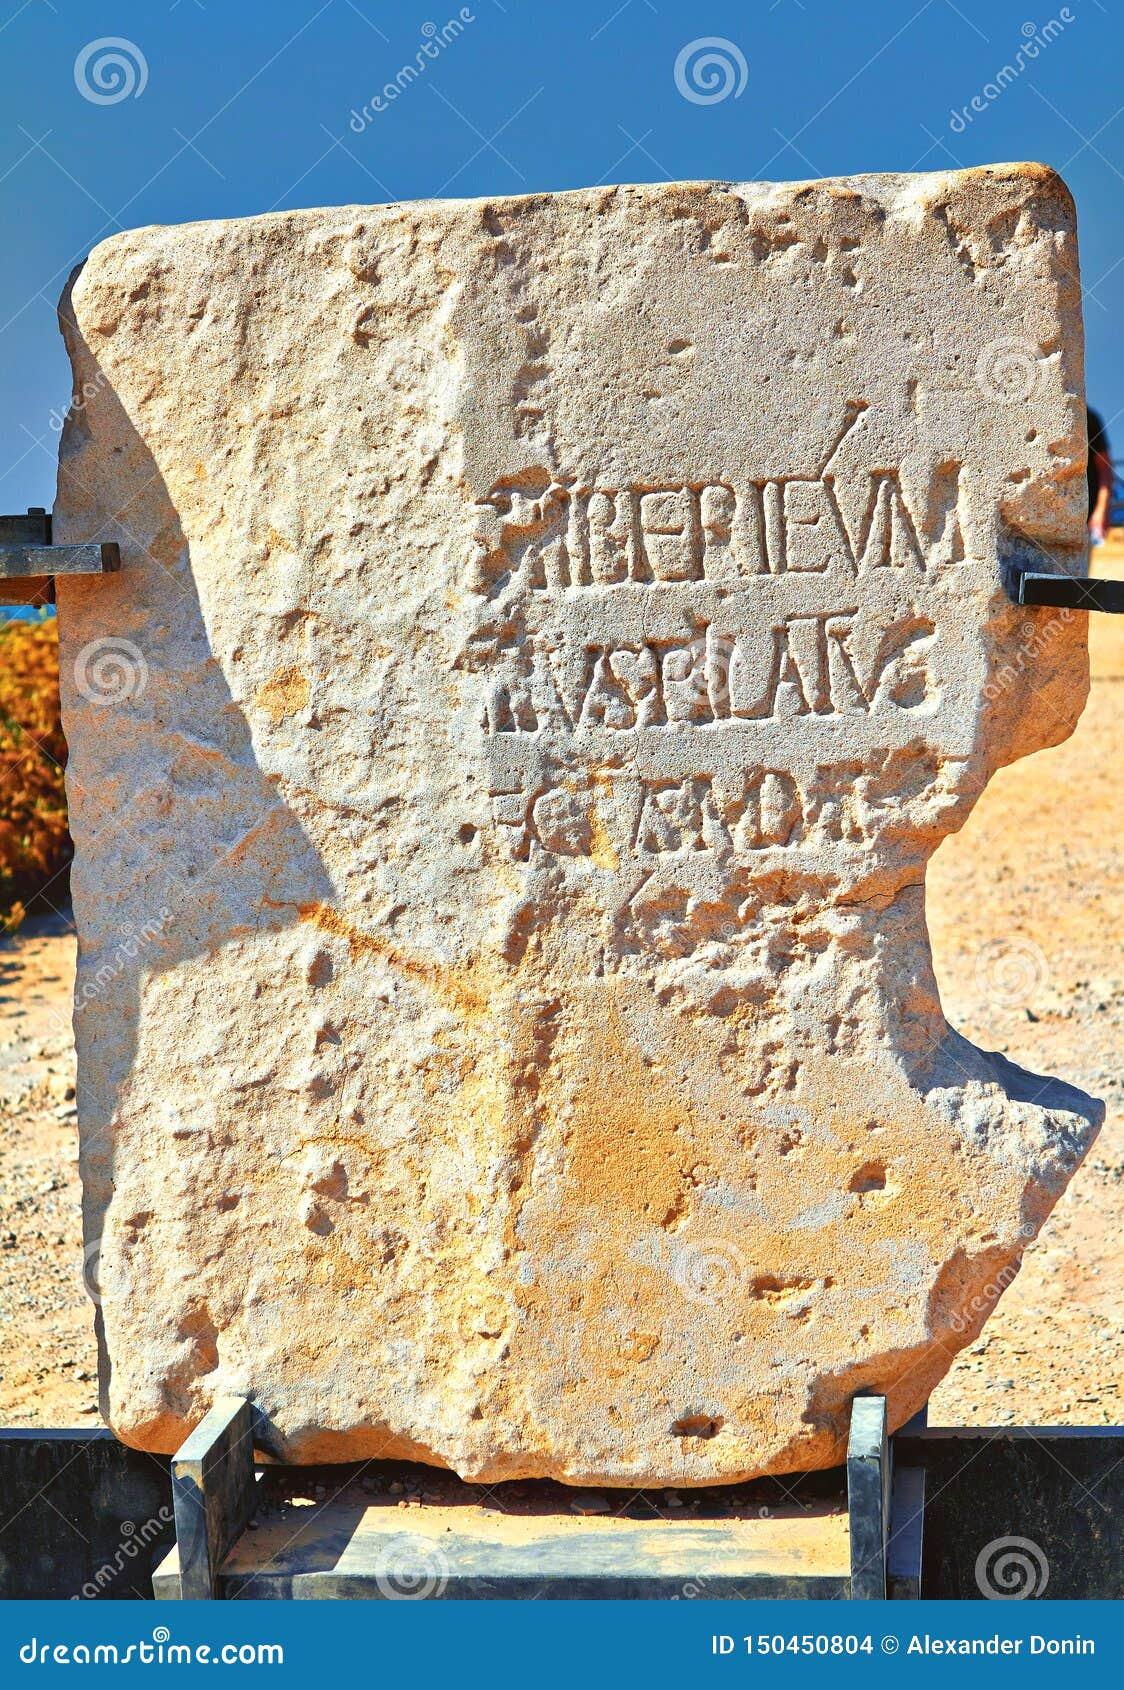 Steinmonument mit Erwähnung von Pontius Pilate nahe Herods Palast in Nationalpark Caesareas Maritima